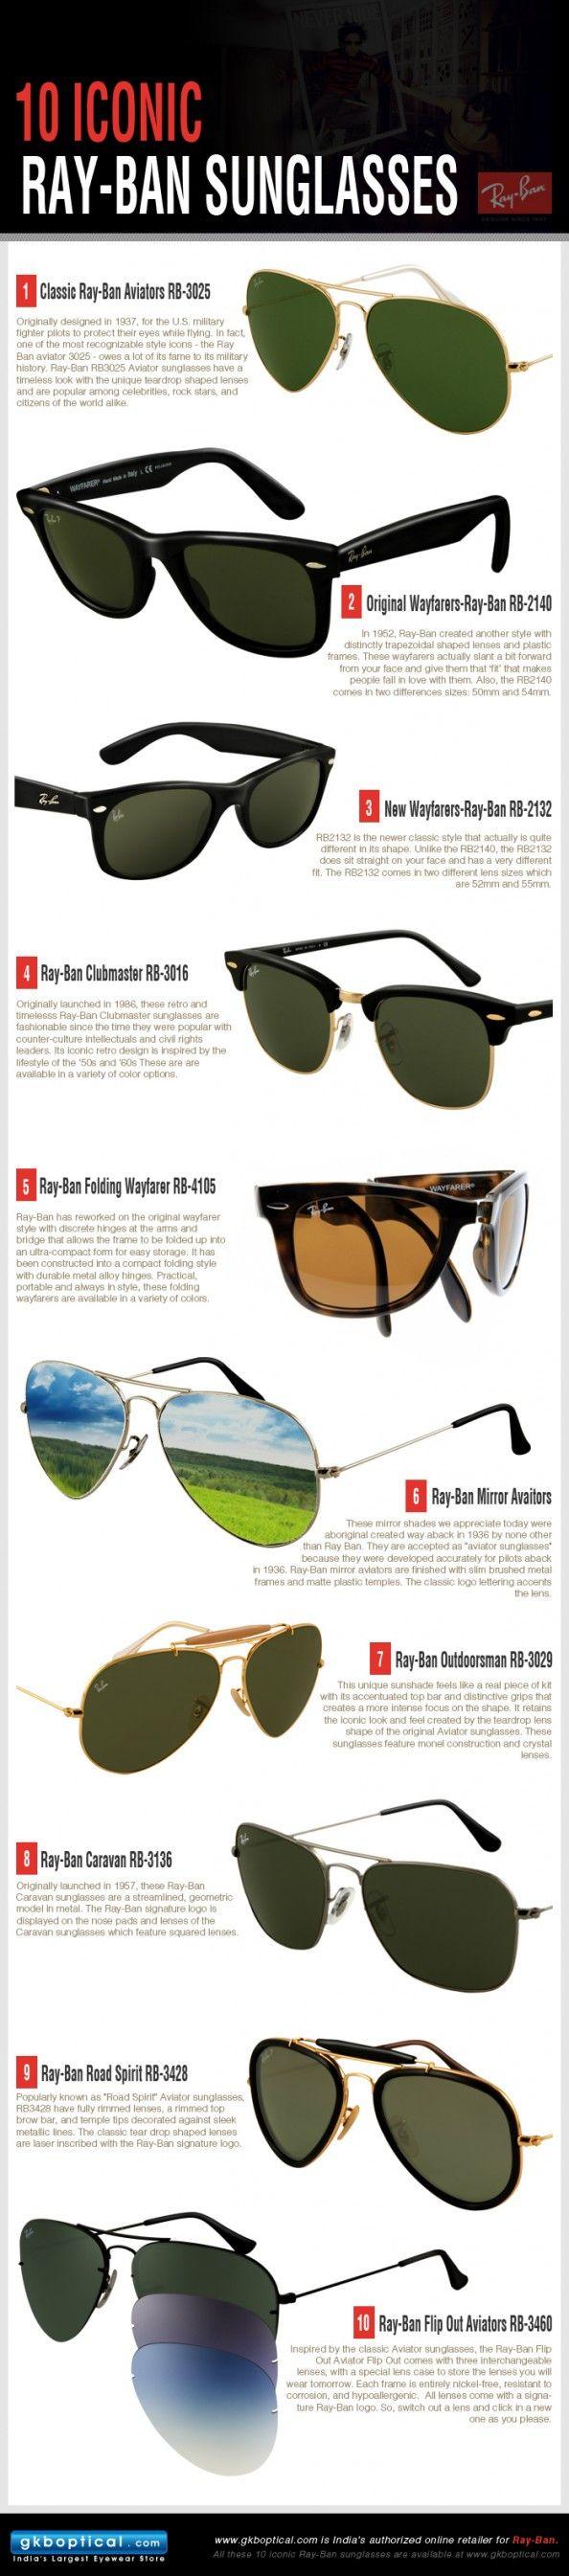 Take A Peek At The Top 10 Ray-Ban Sunglasses